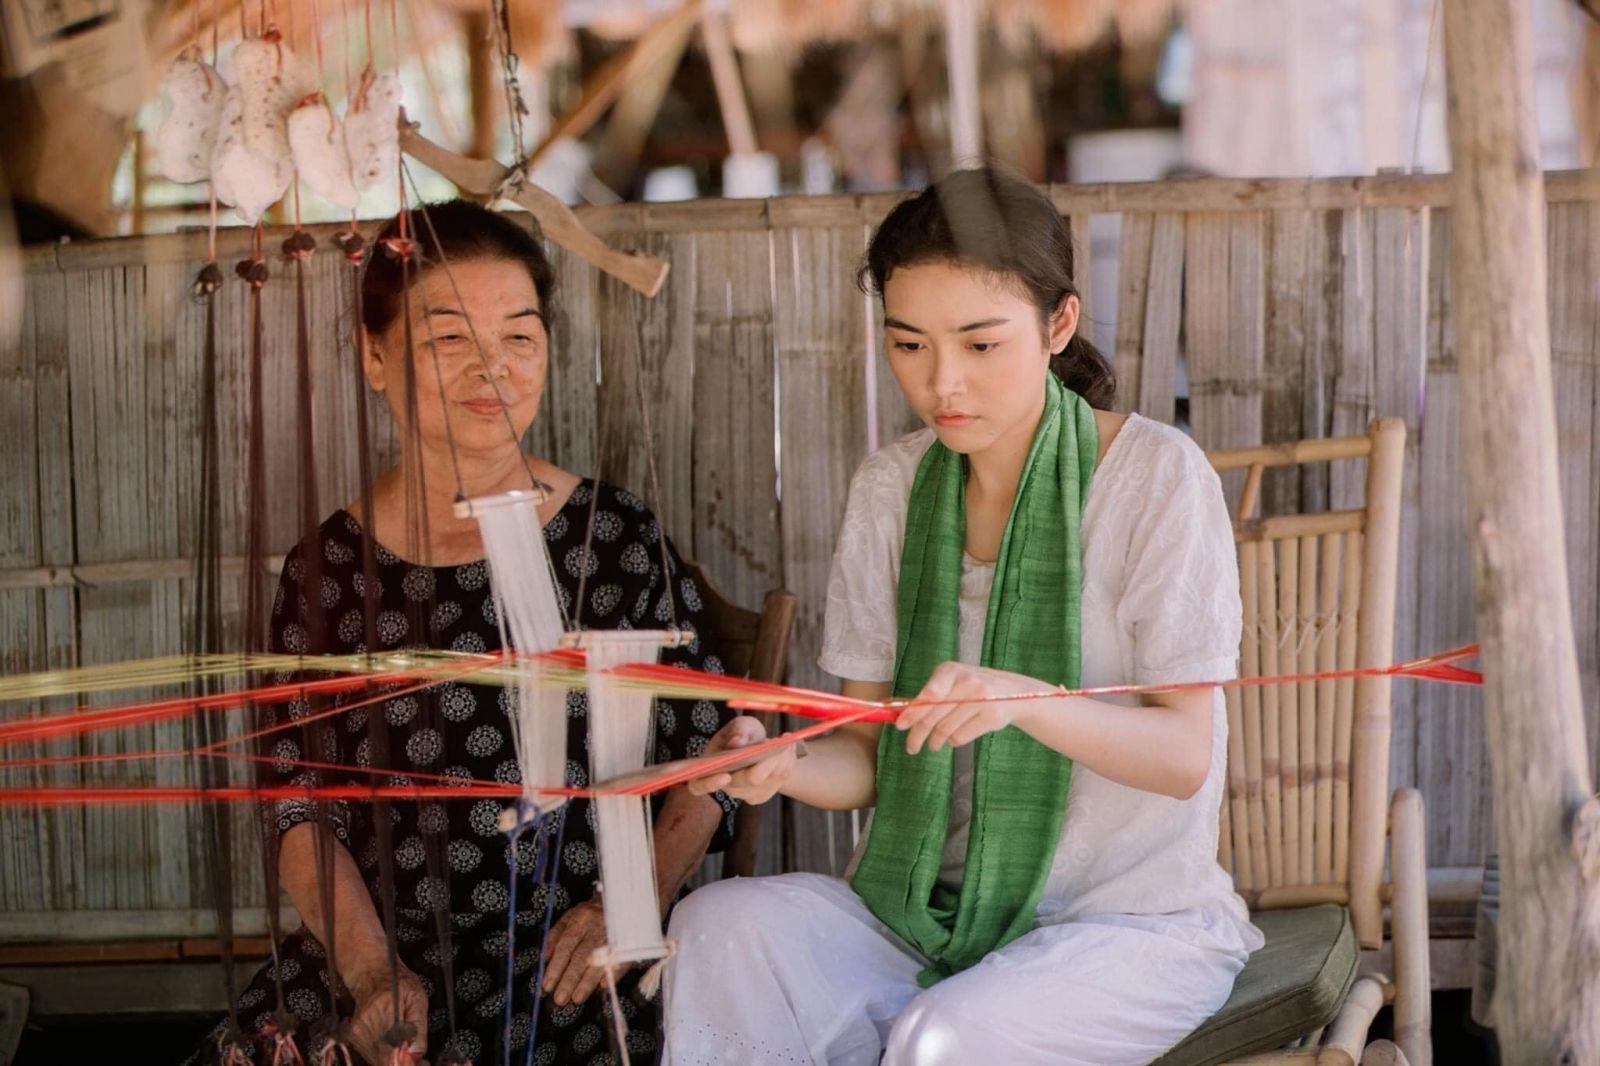 Nghệ nhân dệt thổ cẩm làng nghề Mỹ Nghiệp và nhân vật trải nghiệm của Champasix  JAYA